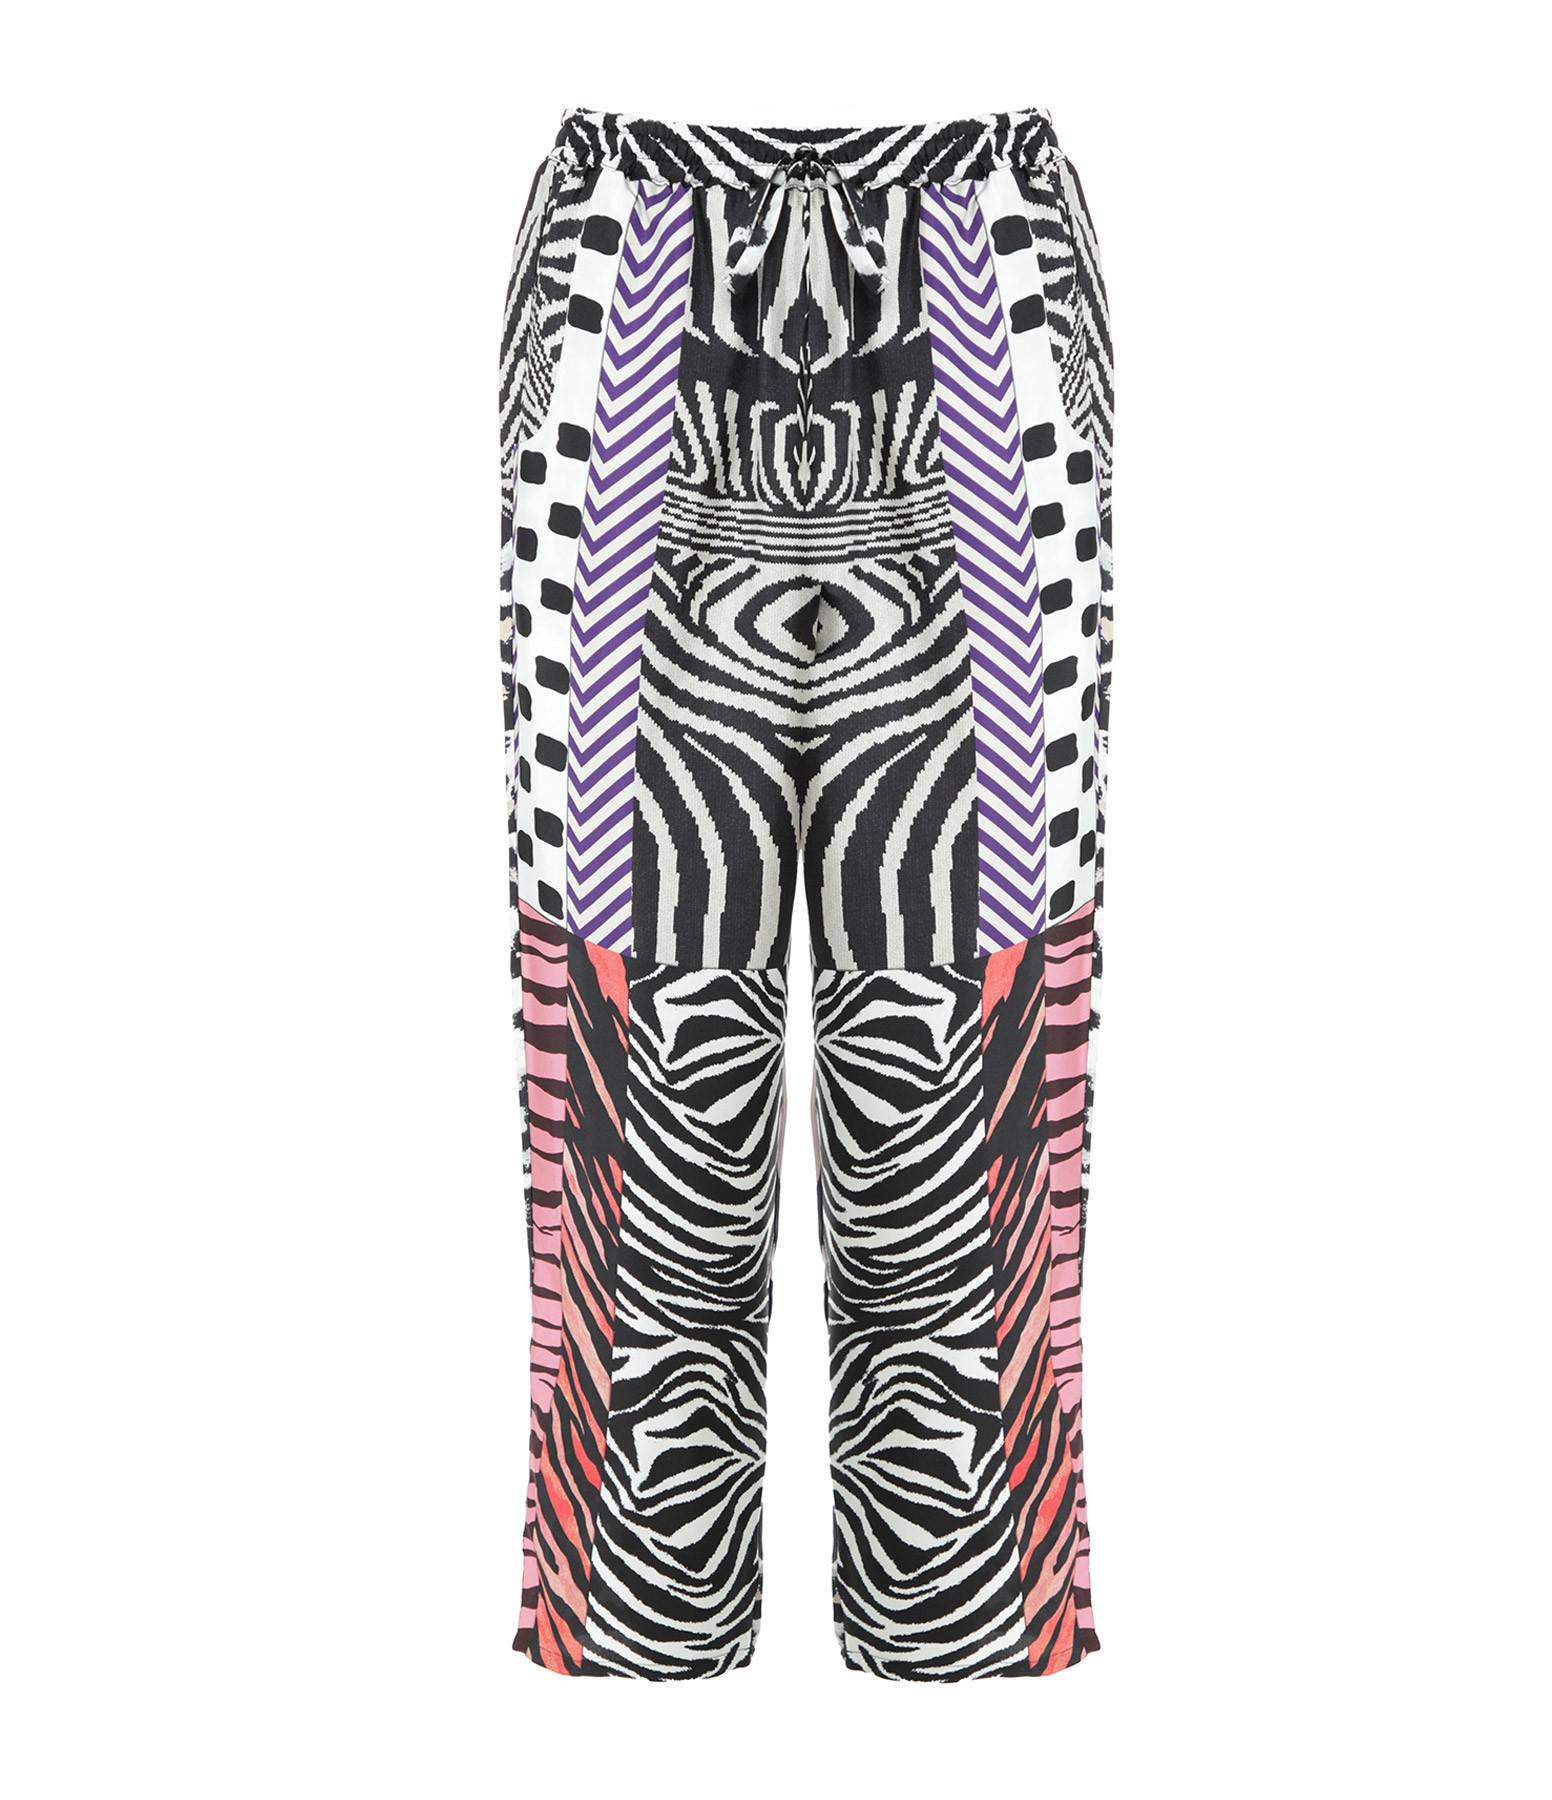 PIERRE-LOUIS MASCIA - Pantalon Aloe Soie Imprimé Noir Rose